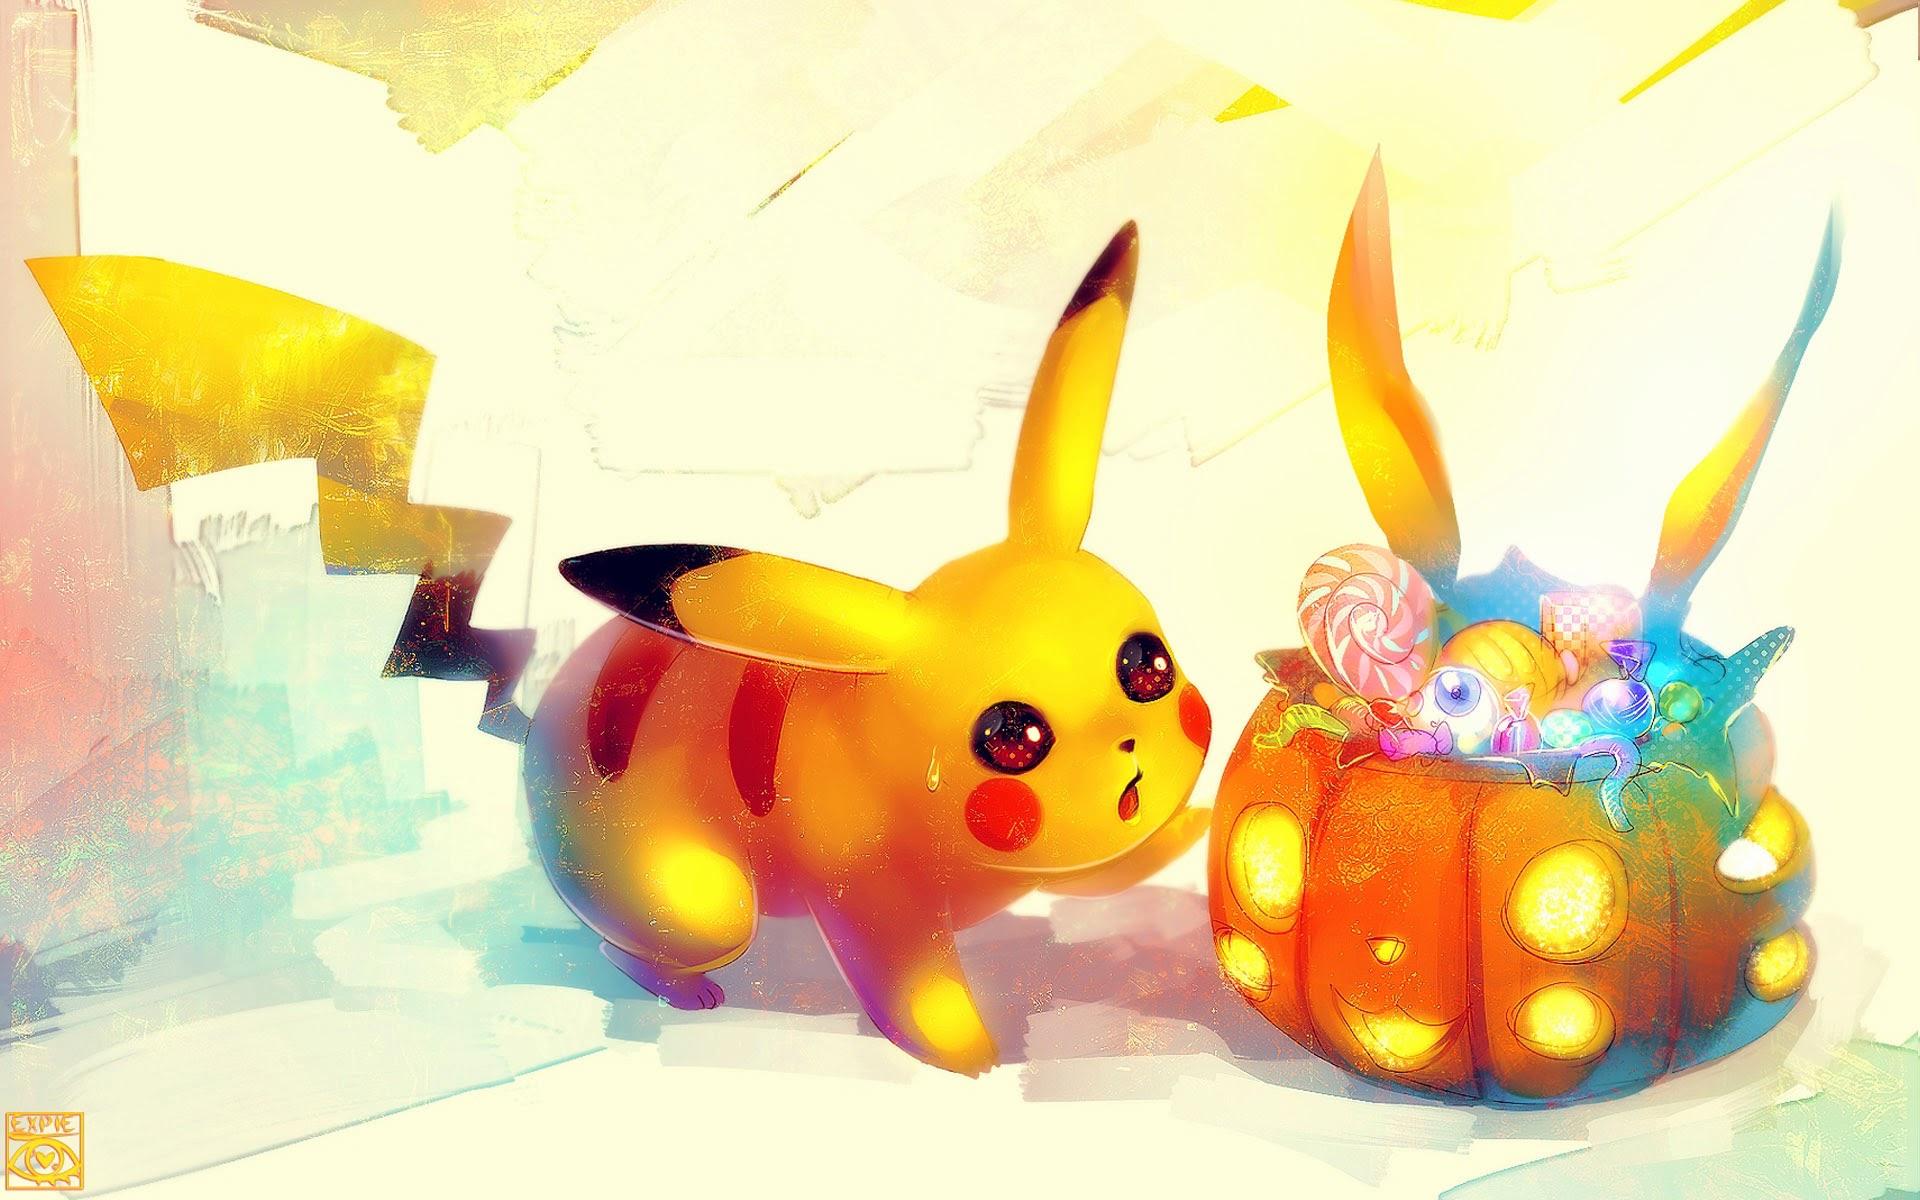 Cute Pikachu Wallpapers - WallpaperSafari